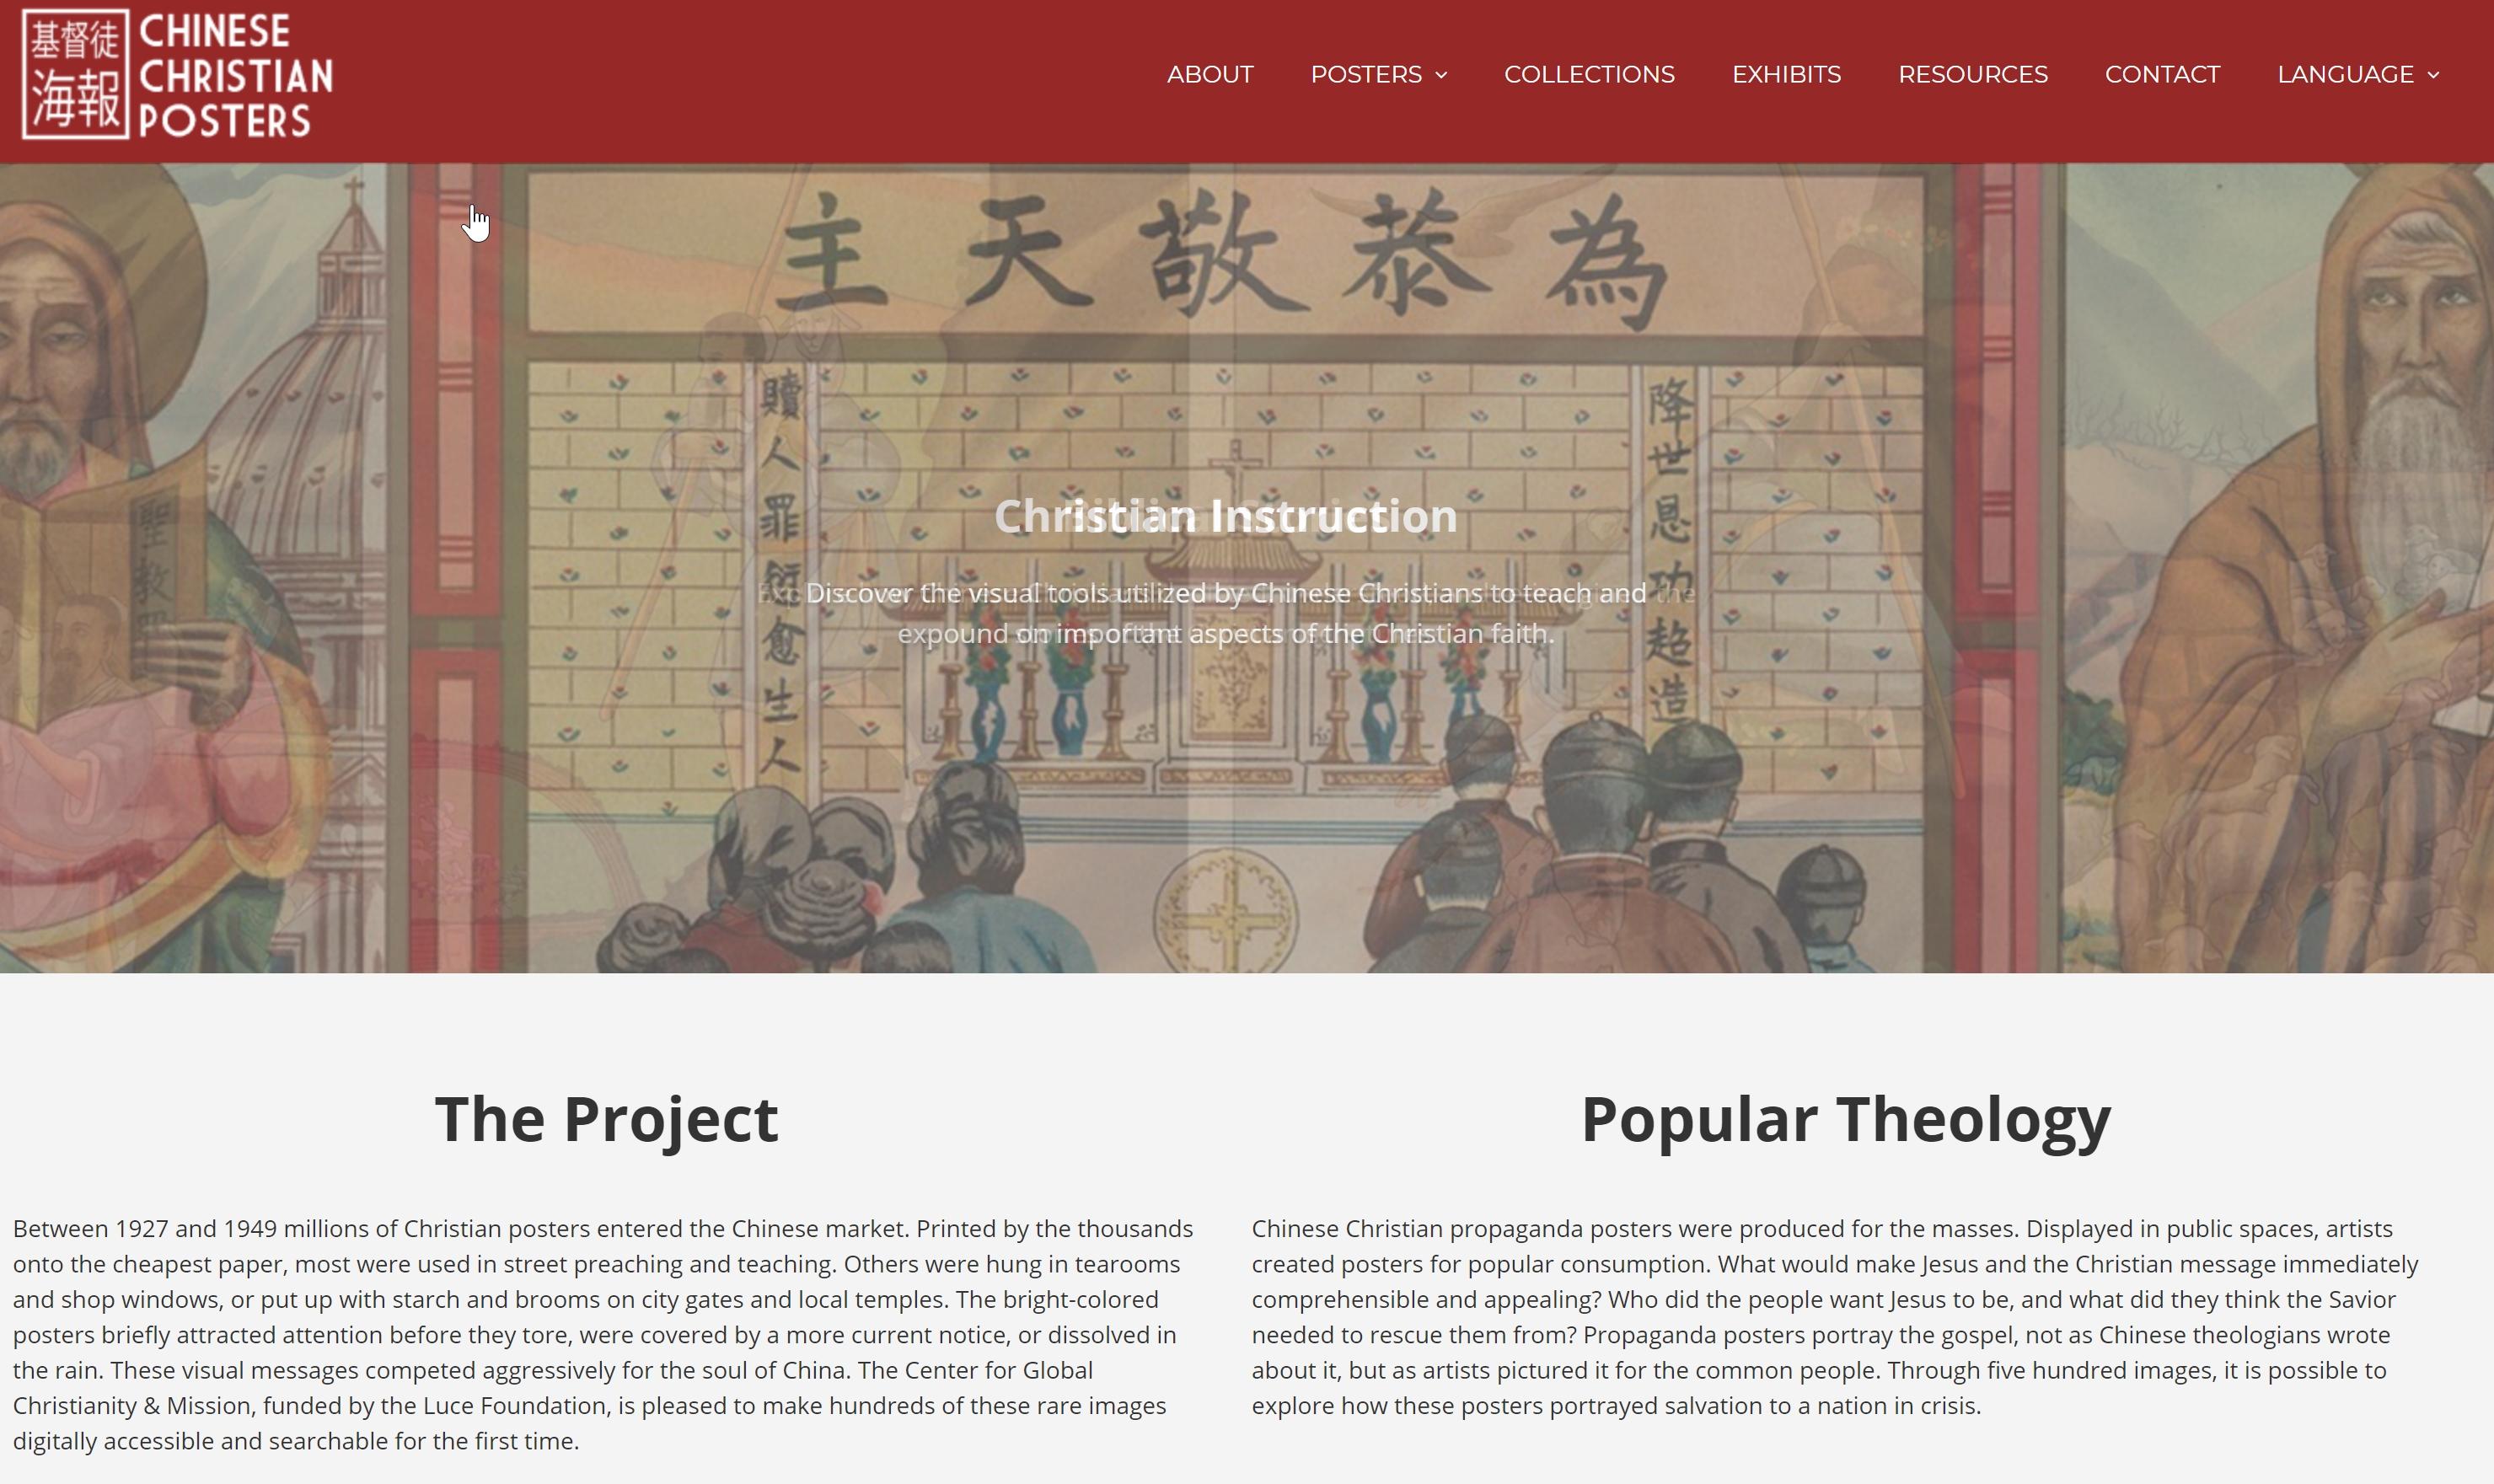 网站:中国基督徒海报